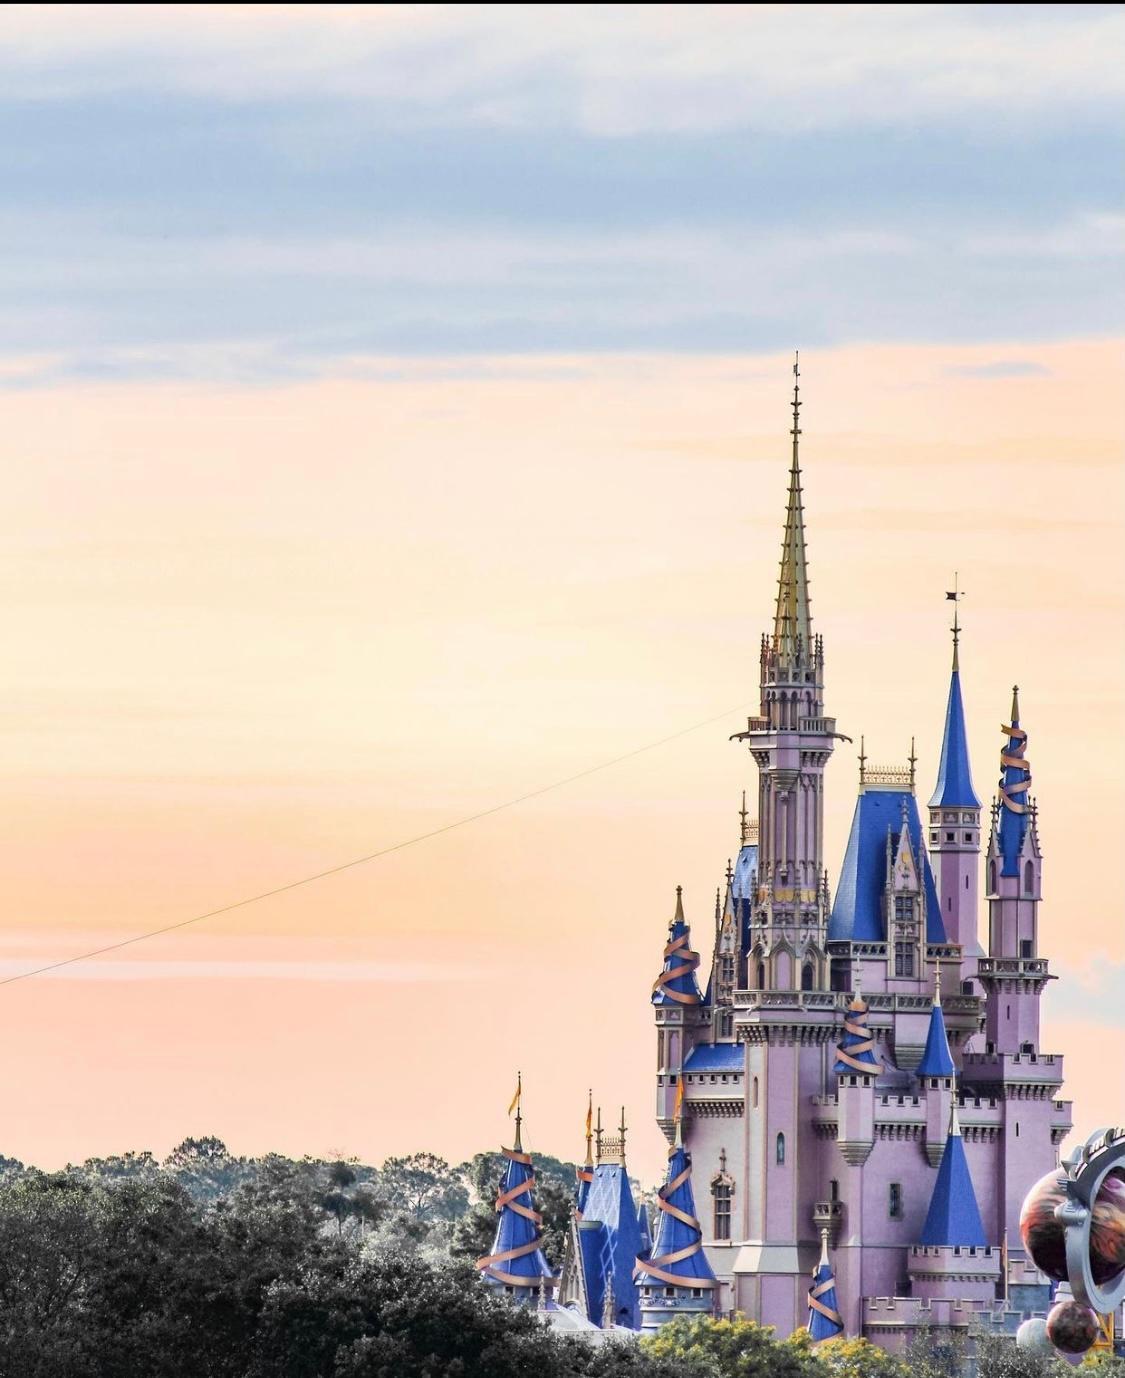 迪士尼、环球影城、欢乐谷……你最喜欢哪个主题公园呢